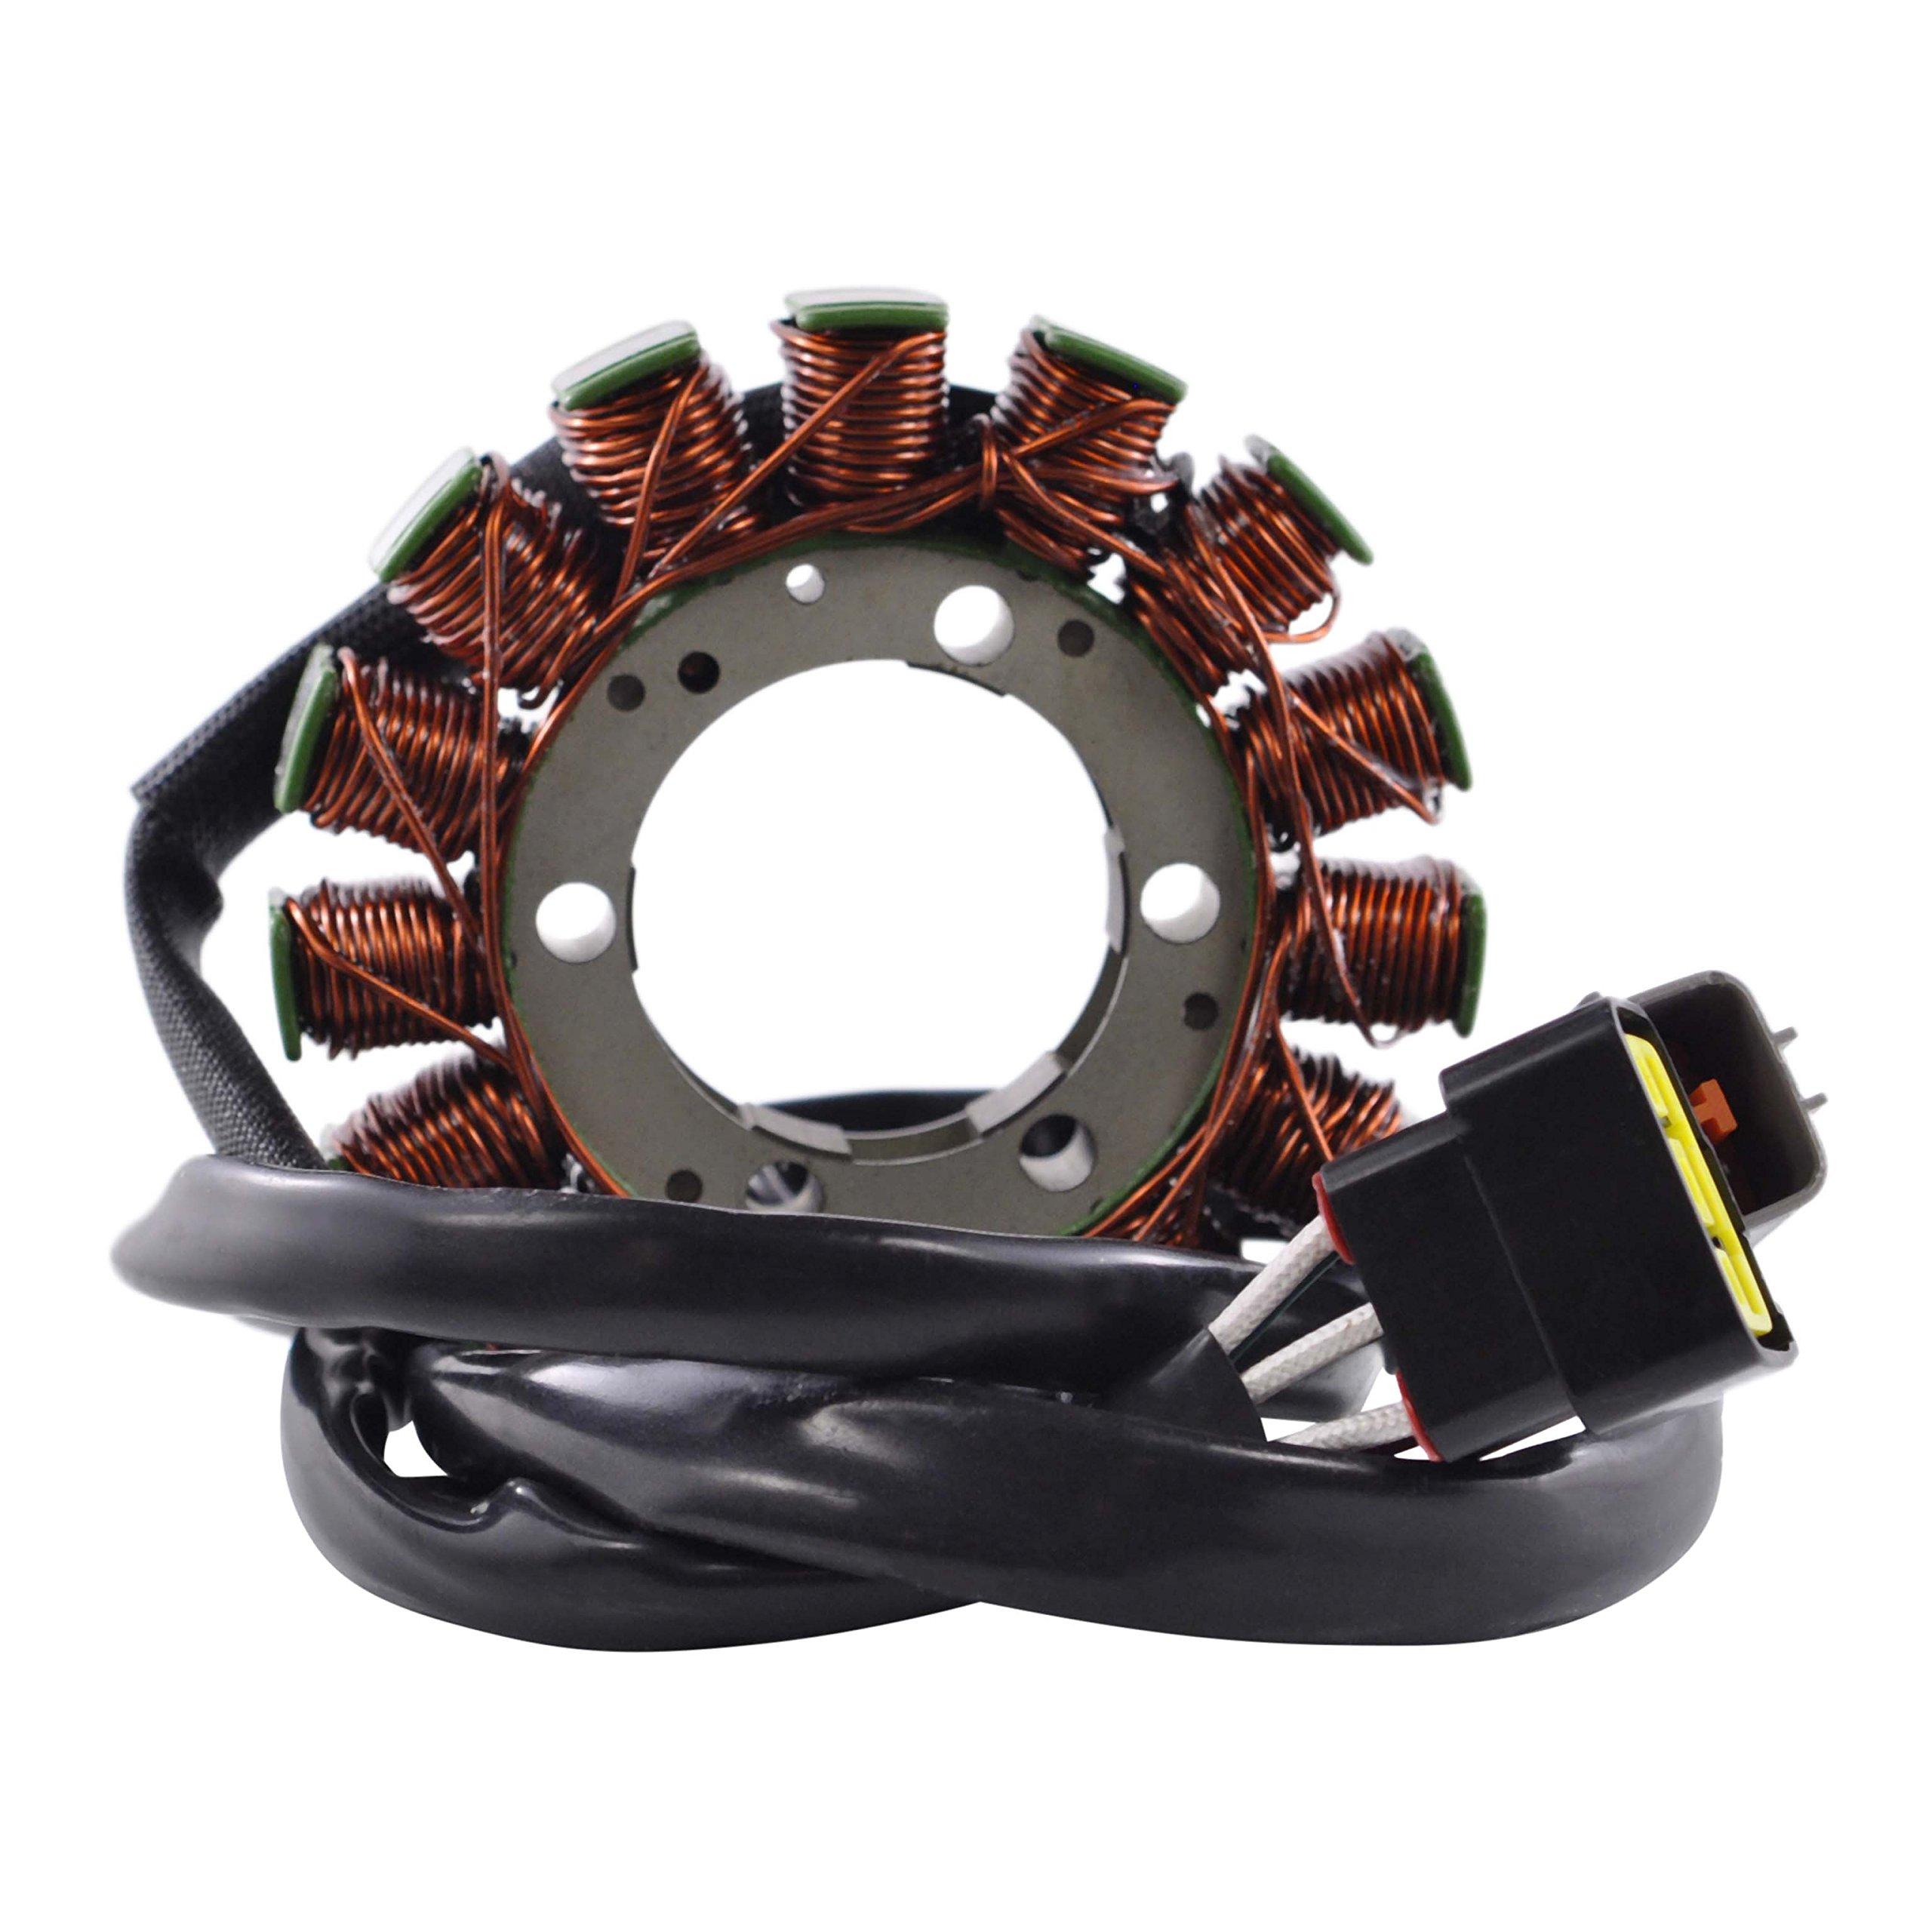 Generator Stator For Kawasaki VN 900 Vulcan 2006 2007 2008 2009 2010 2011 2012 2013 2014 2015 2016 2017 OEM Repl.# 21003-0053 by RMSTATOR